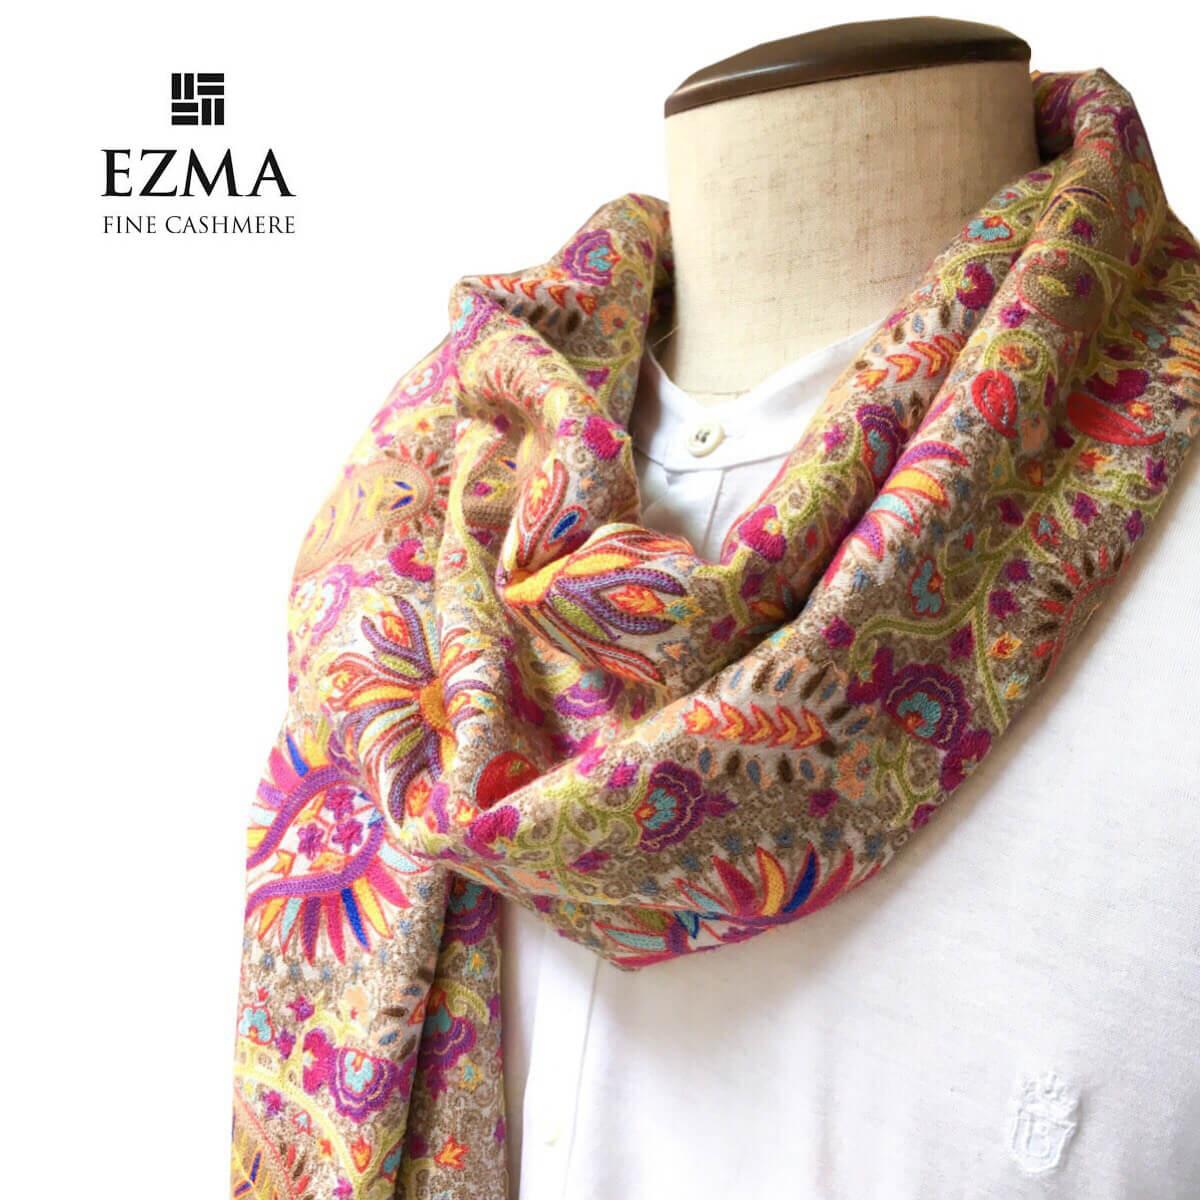 EZMA (エズマ)カシミヤ刺繍ストール 手刺繍 ストール マフラー おしゃれ 薄手 通年 メンズ レディース 男女兼用